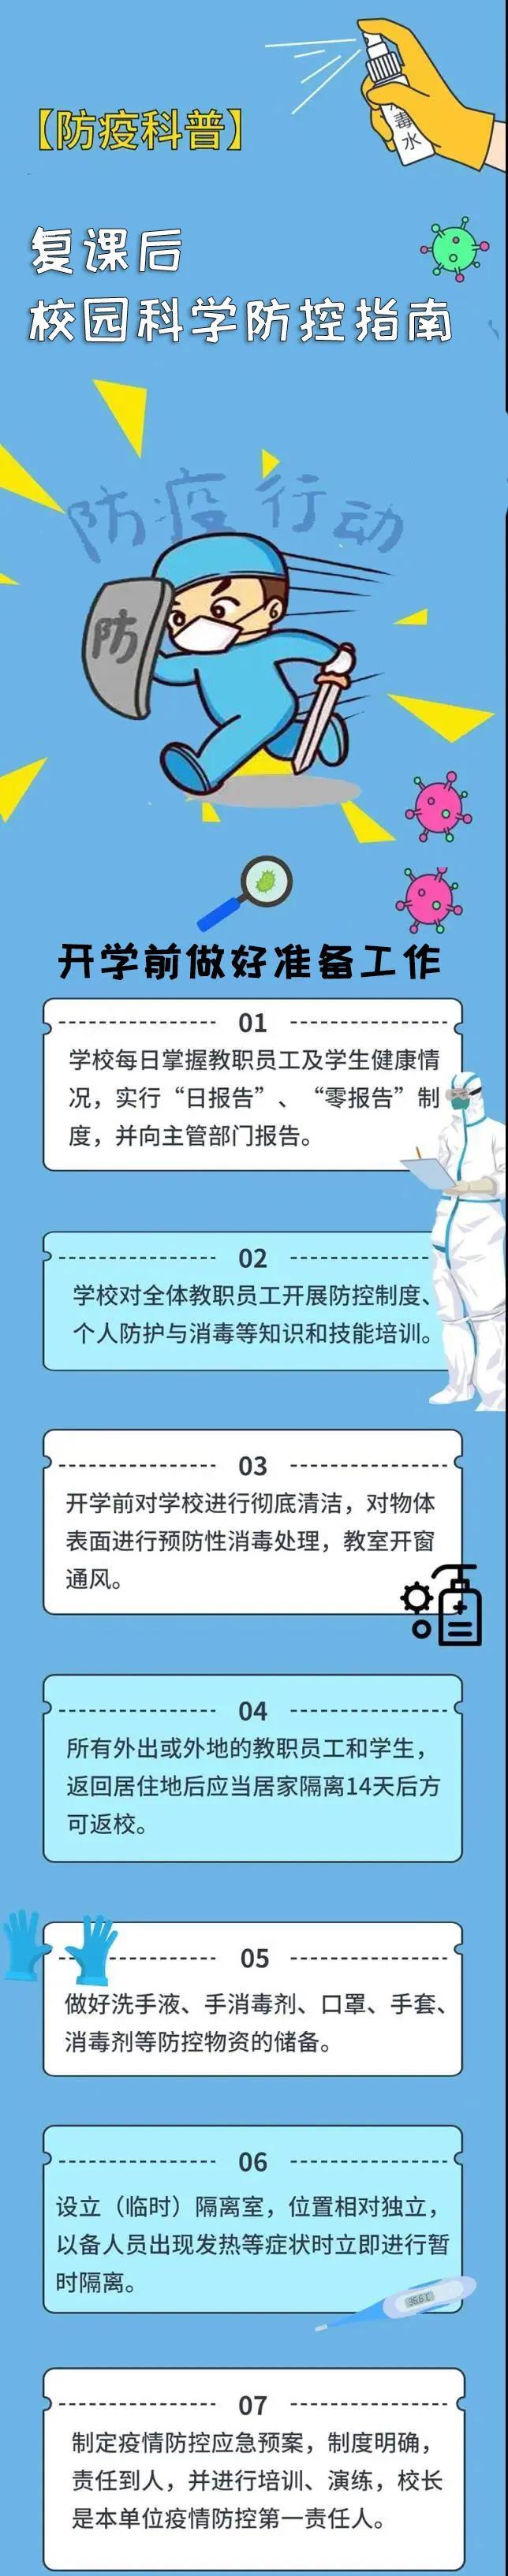 哈尔滨市科协最新发布——复课后校园科学防控指南